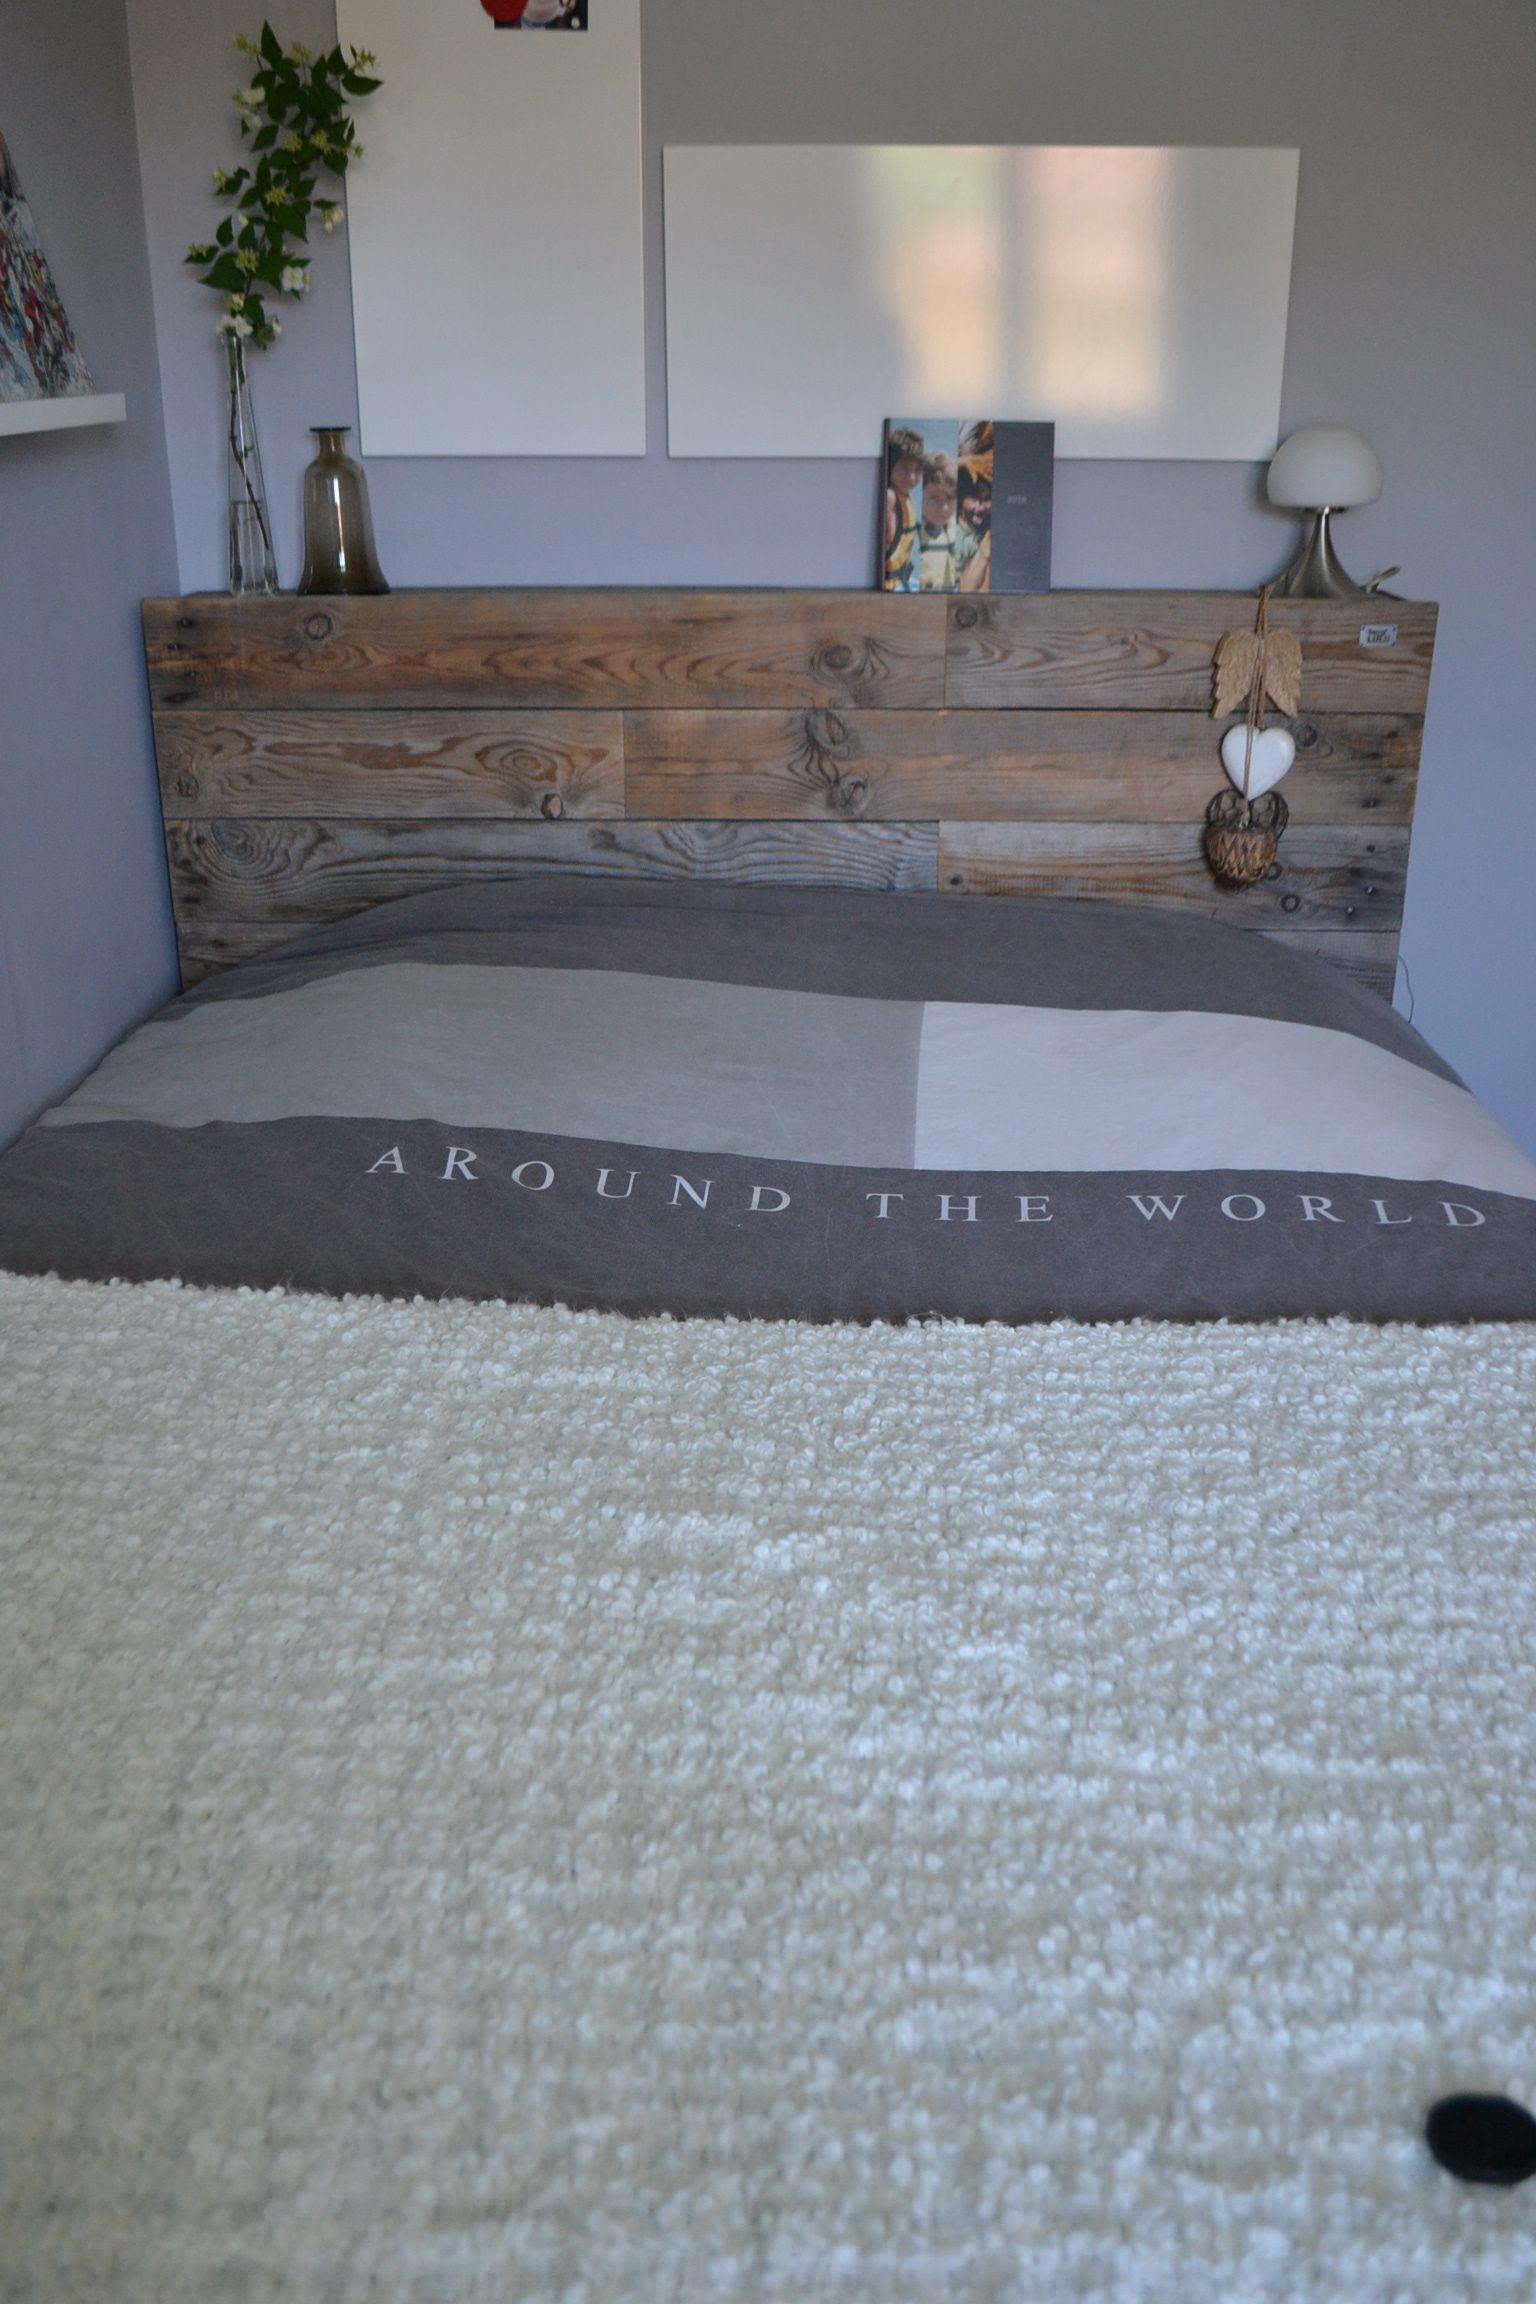 t te de lit avec rangement tag res sur le c t by r cup 39 lulu fait cavaillon france t te. Black Bedroom Furniture Sets. Home Design Ideas